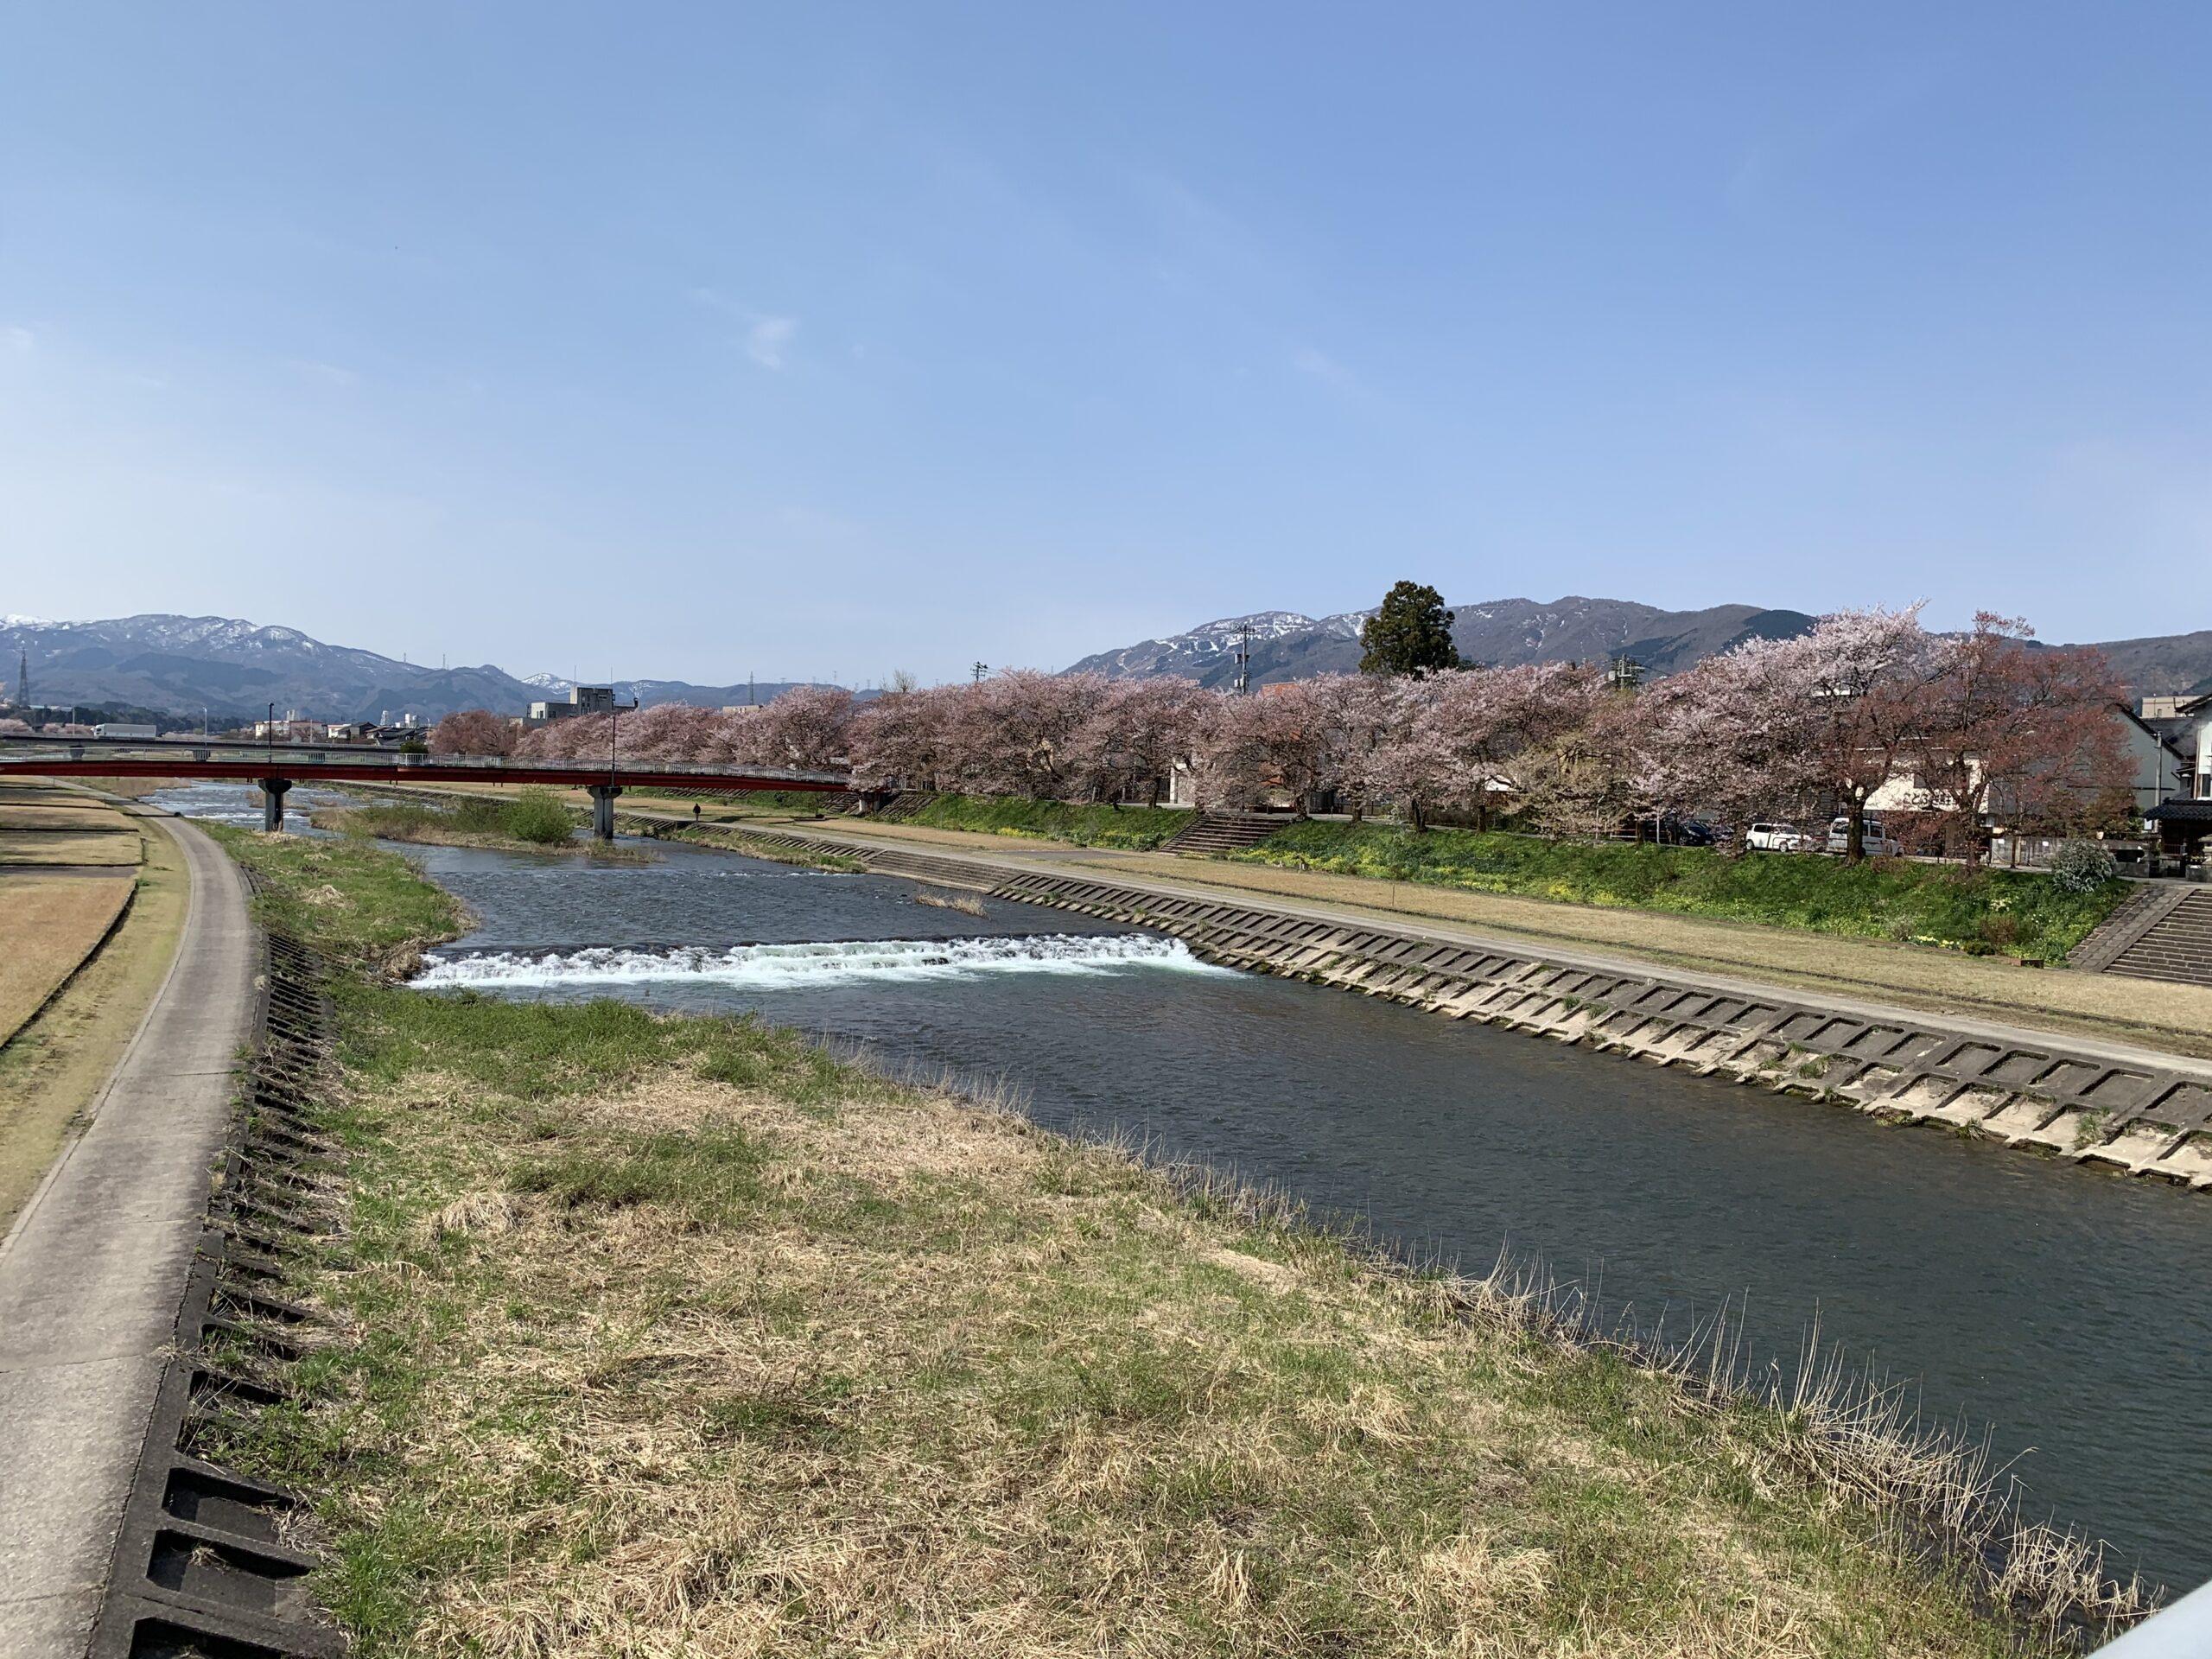 富山県南砺市小矢部川公園の桜並木がええ感じ